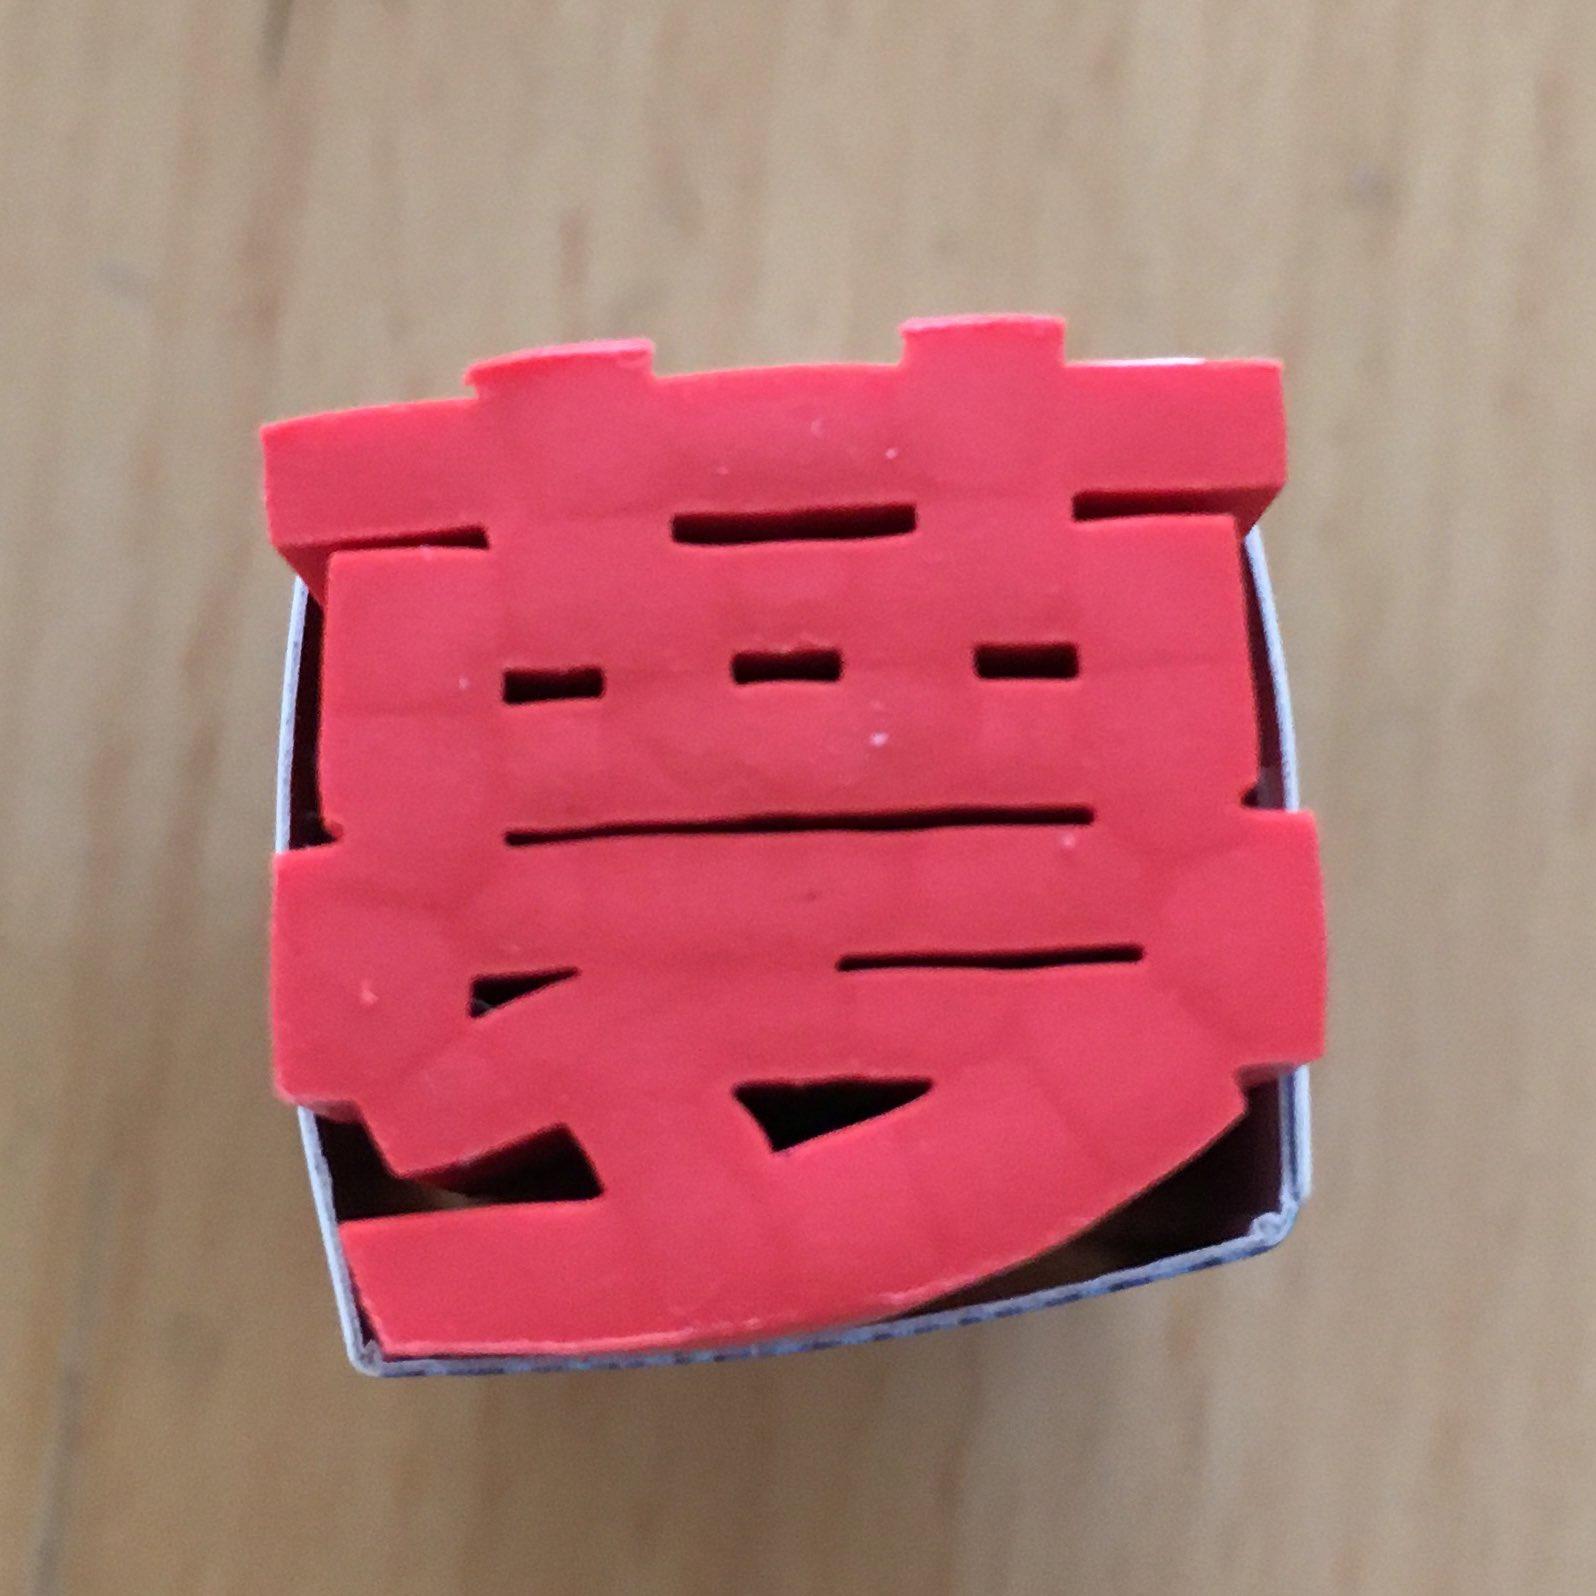 東京個別指導学院の販促グッズの消しゴムが現実を突きつけているwww